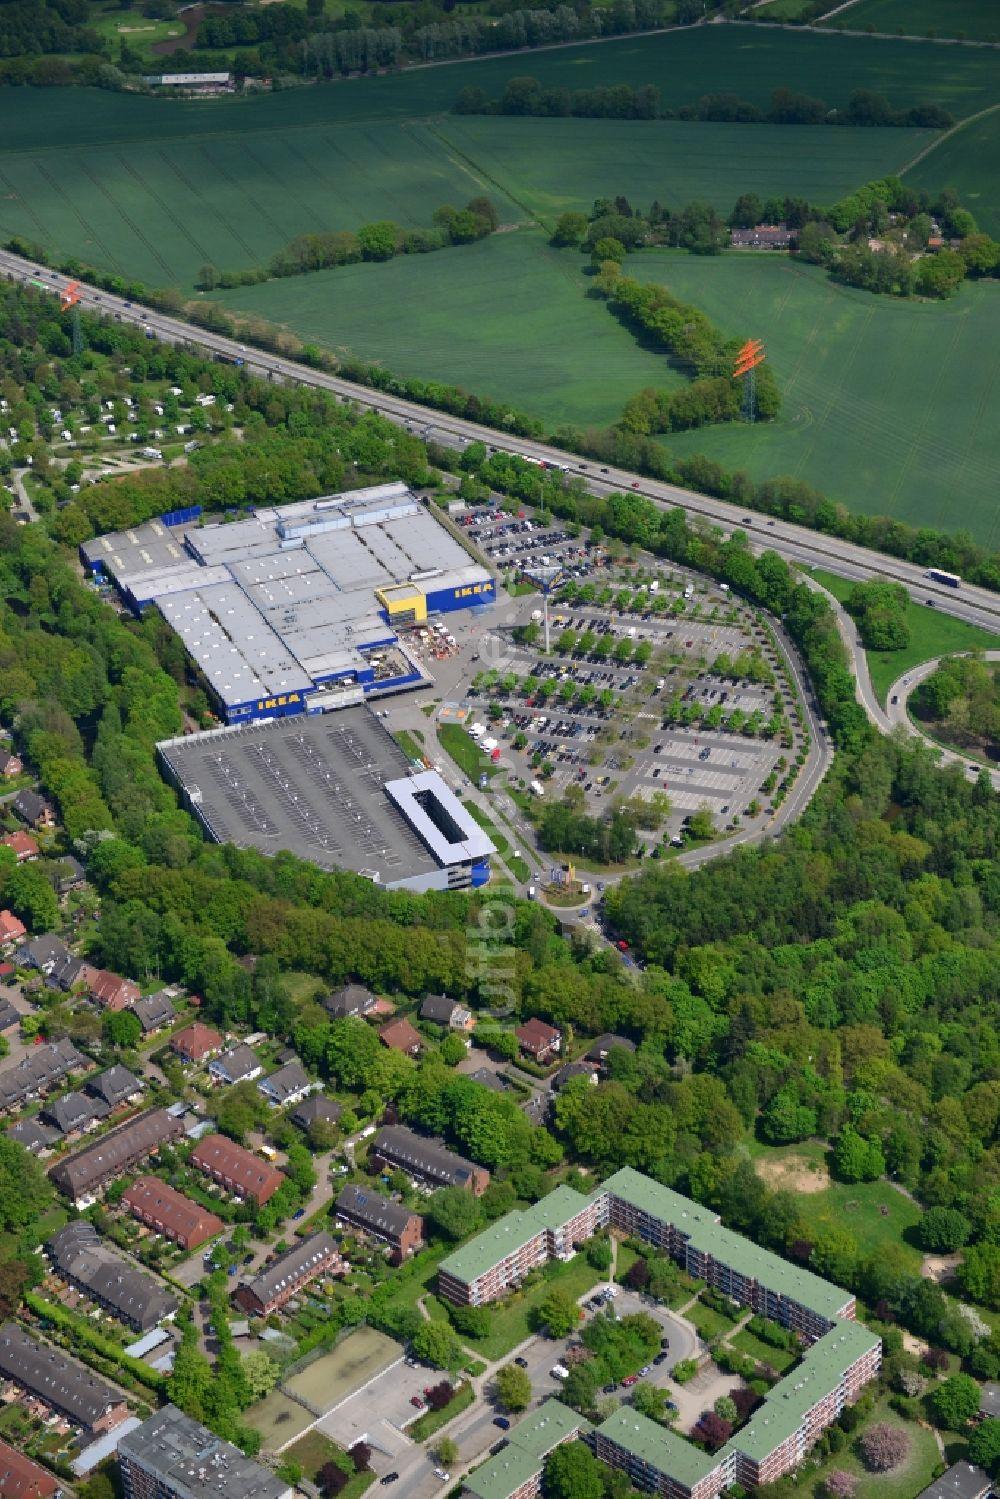 Blickfang Möbelhaus Hamburg Hamburg Sammlung Von Luftbild Schnelsen - Gelände Des Ikea- Mö